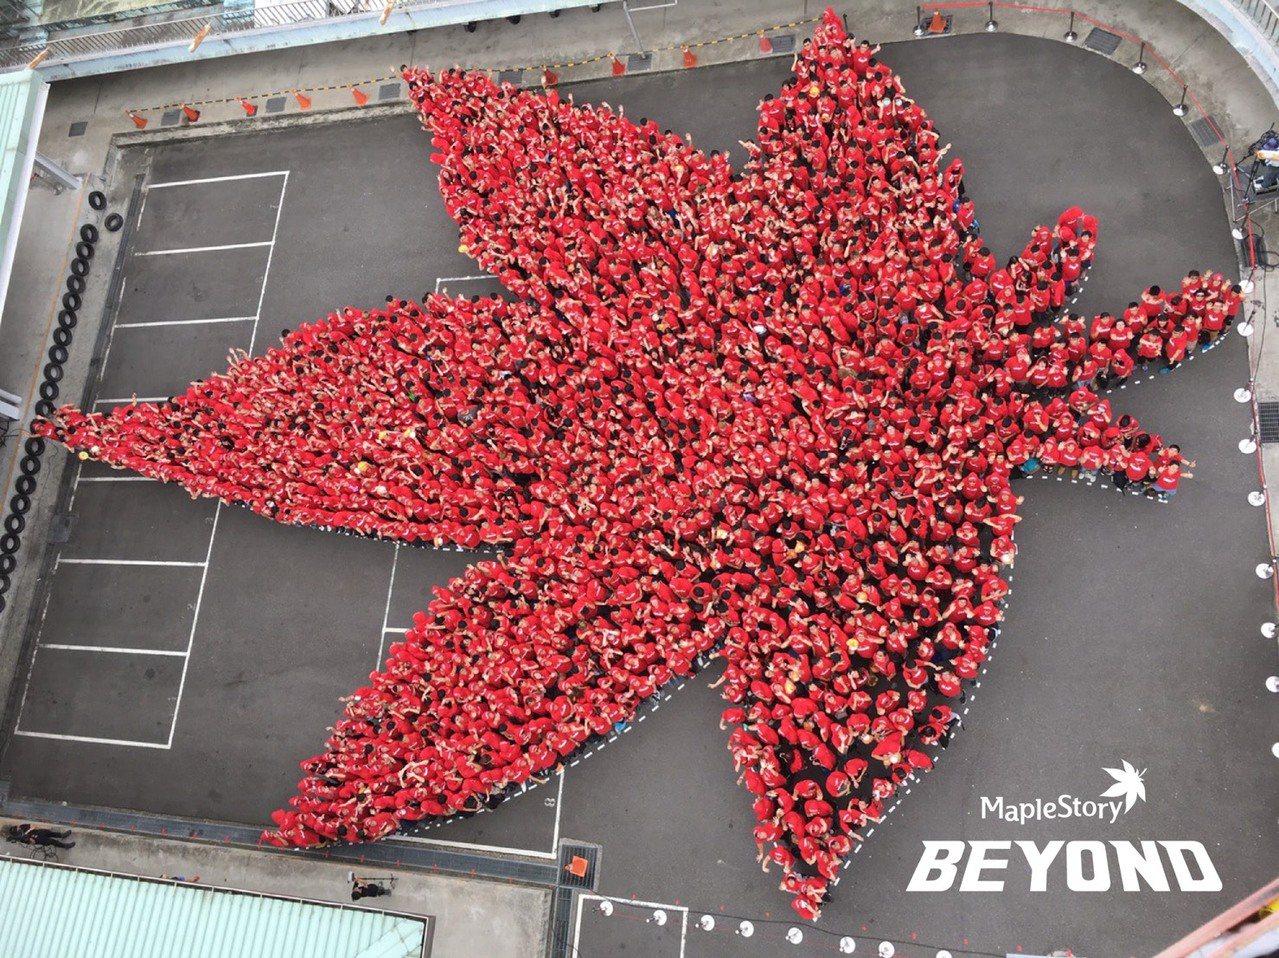 《新楓之谷》成功刷新金氏世界紀錄,1,558名玩家拼出世界上「最大的人體楓葉圖形...